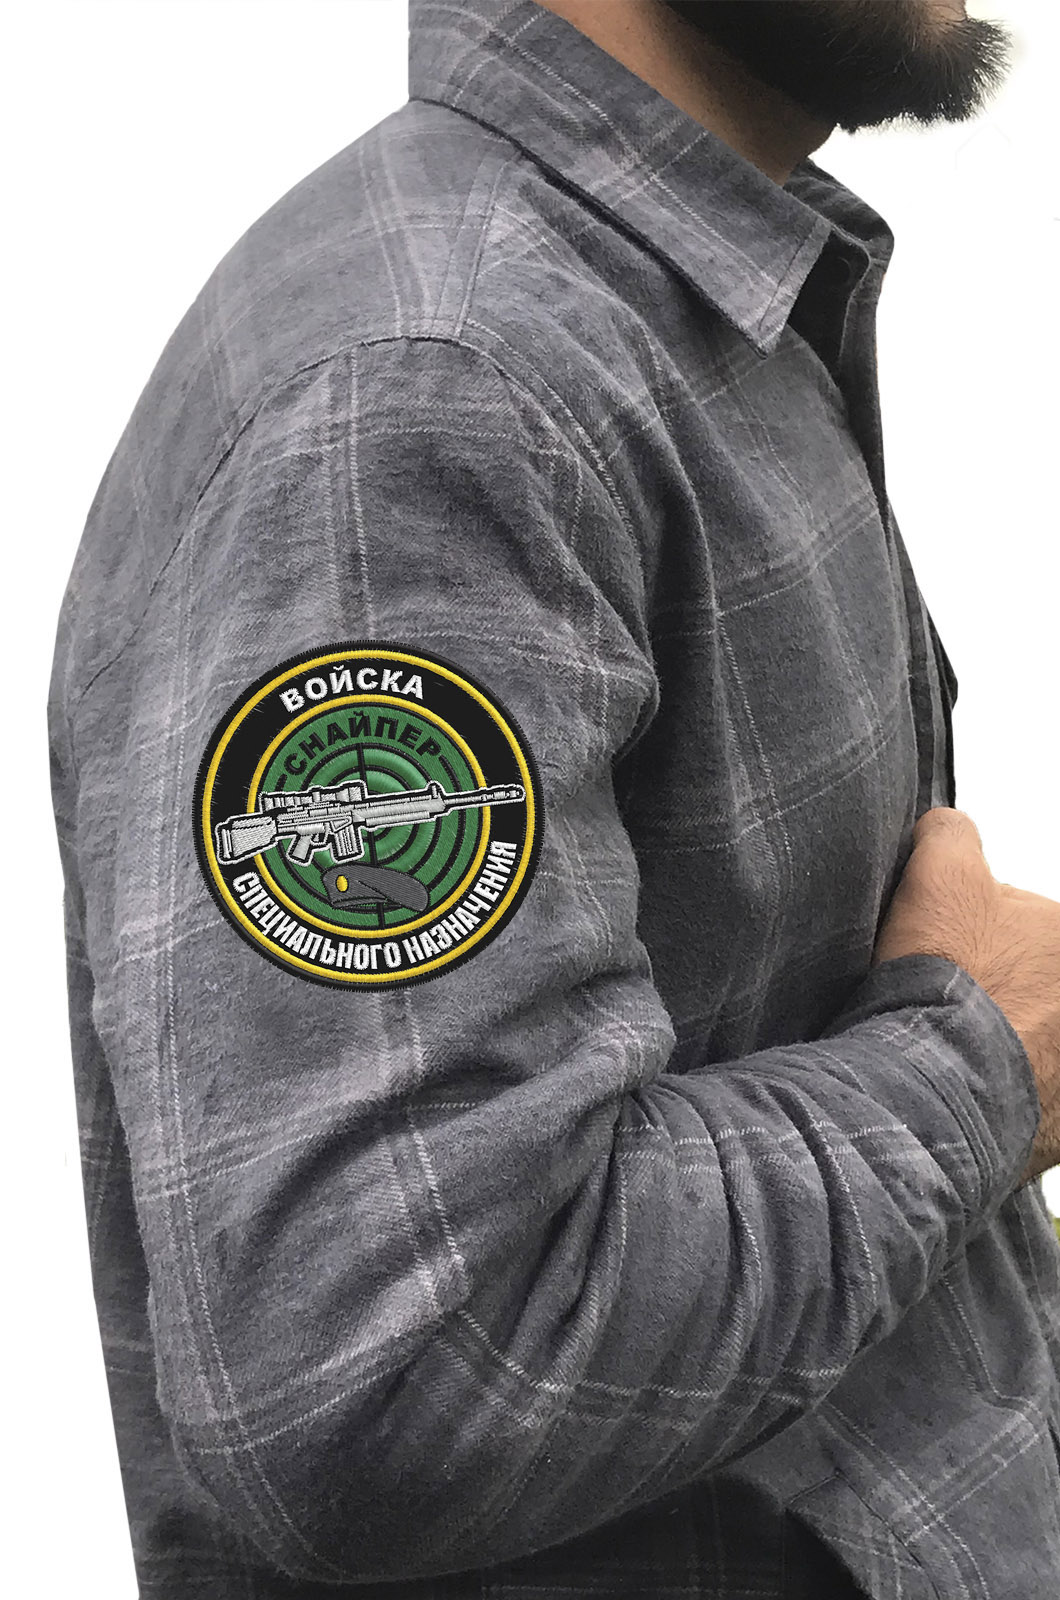 Классическая клетчатая рубашка с вышитым шевроном Снайпер - купить в Военпро